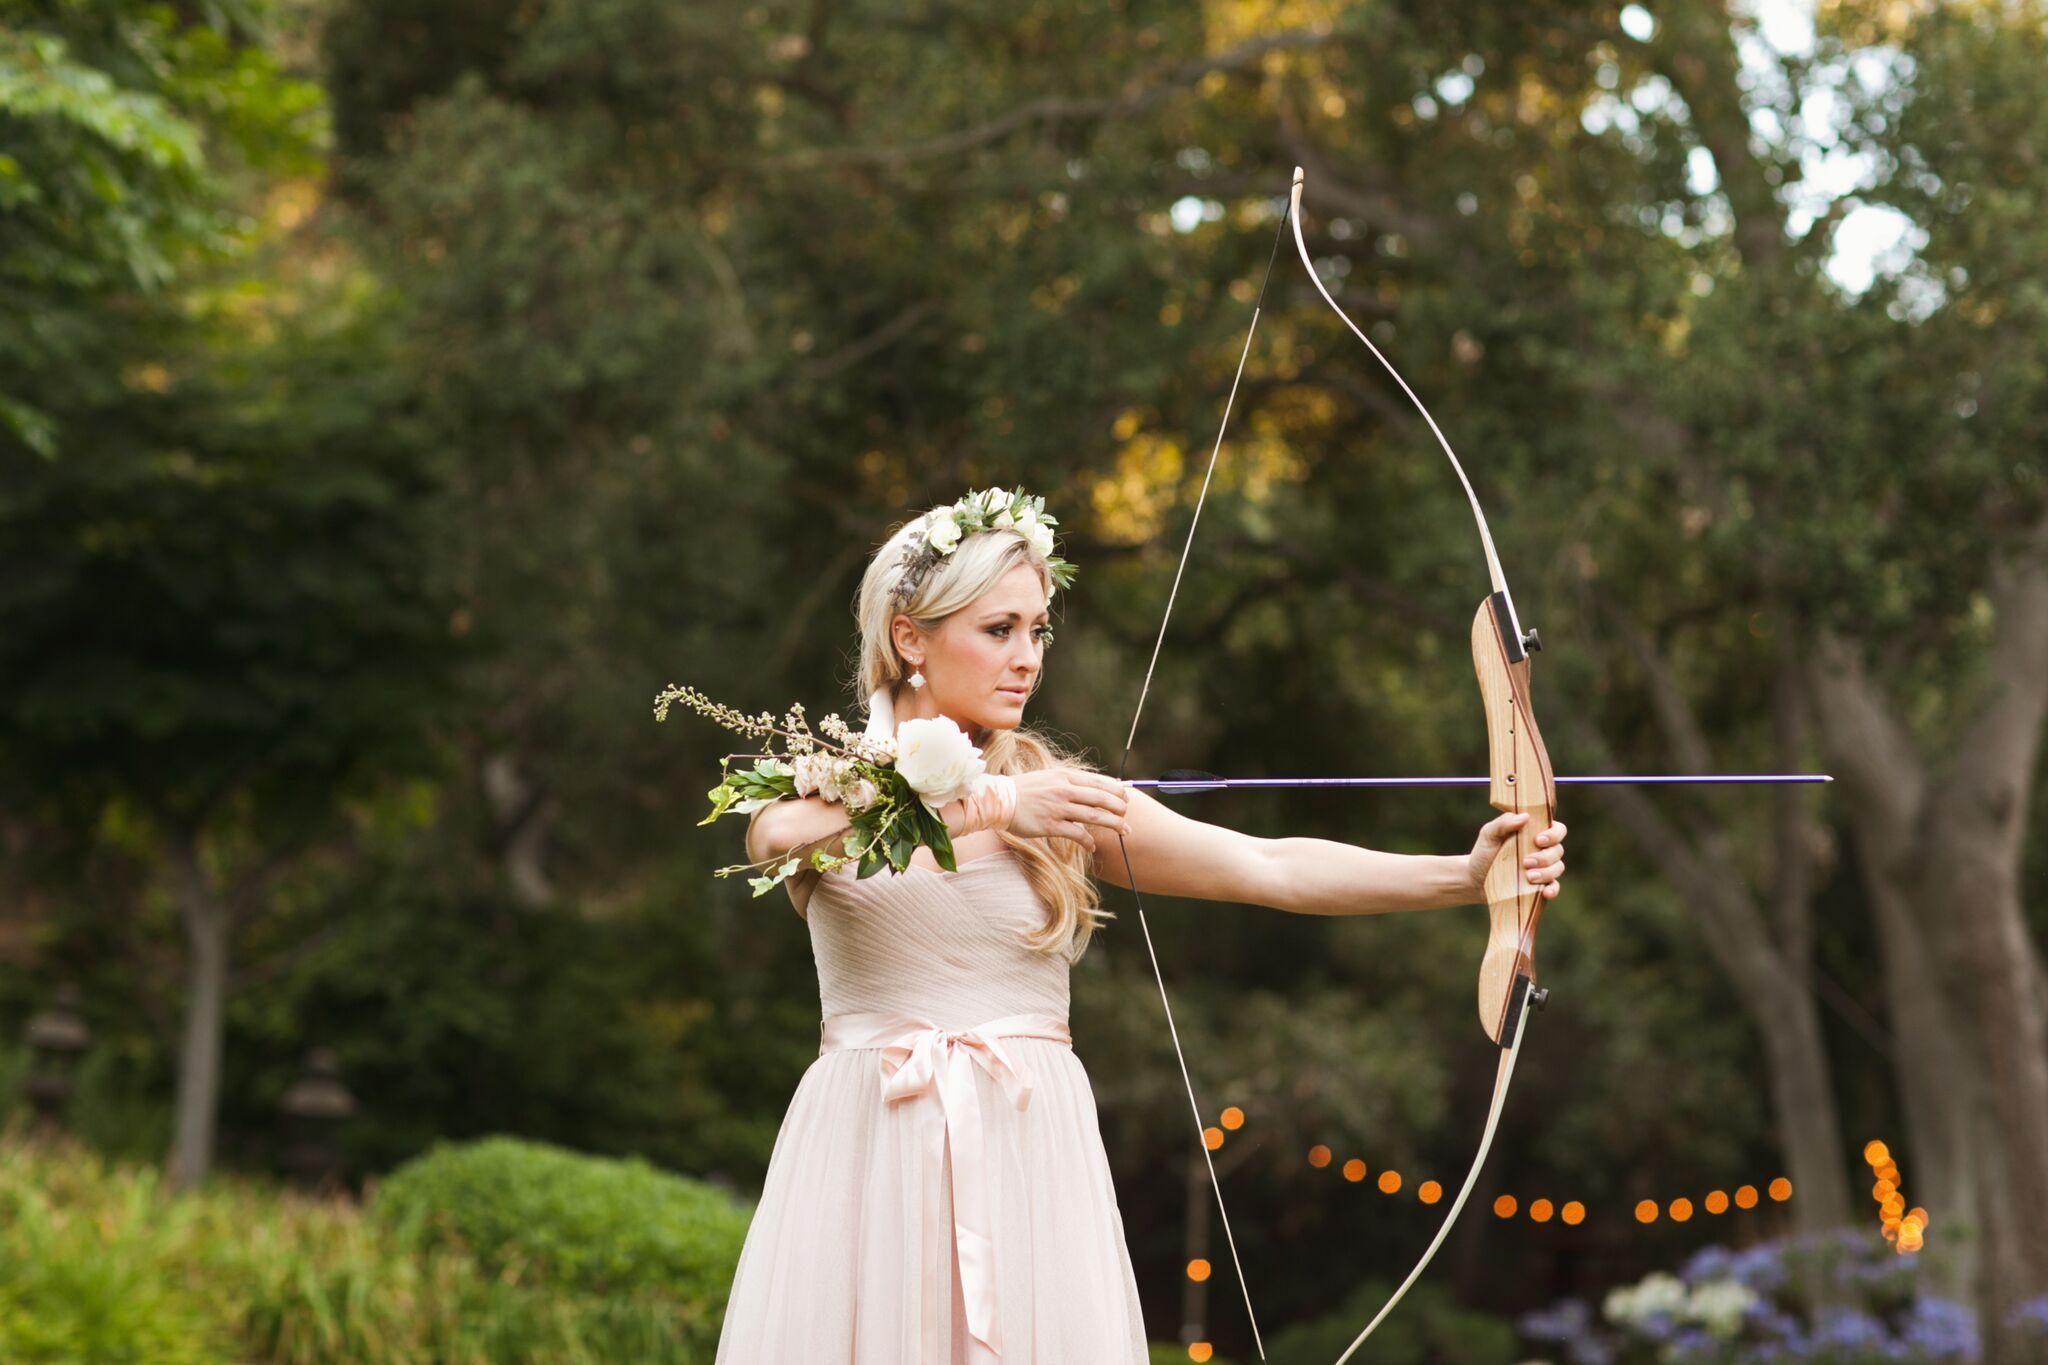 Archery Golden Door Spa In San Diego San Marcos Ca Weddings Wedding Venue Retreat Golden Door Spa Wedding Golden Door